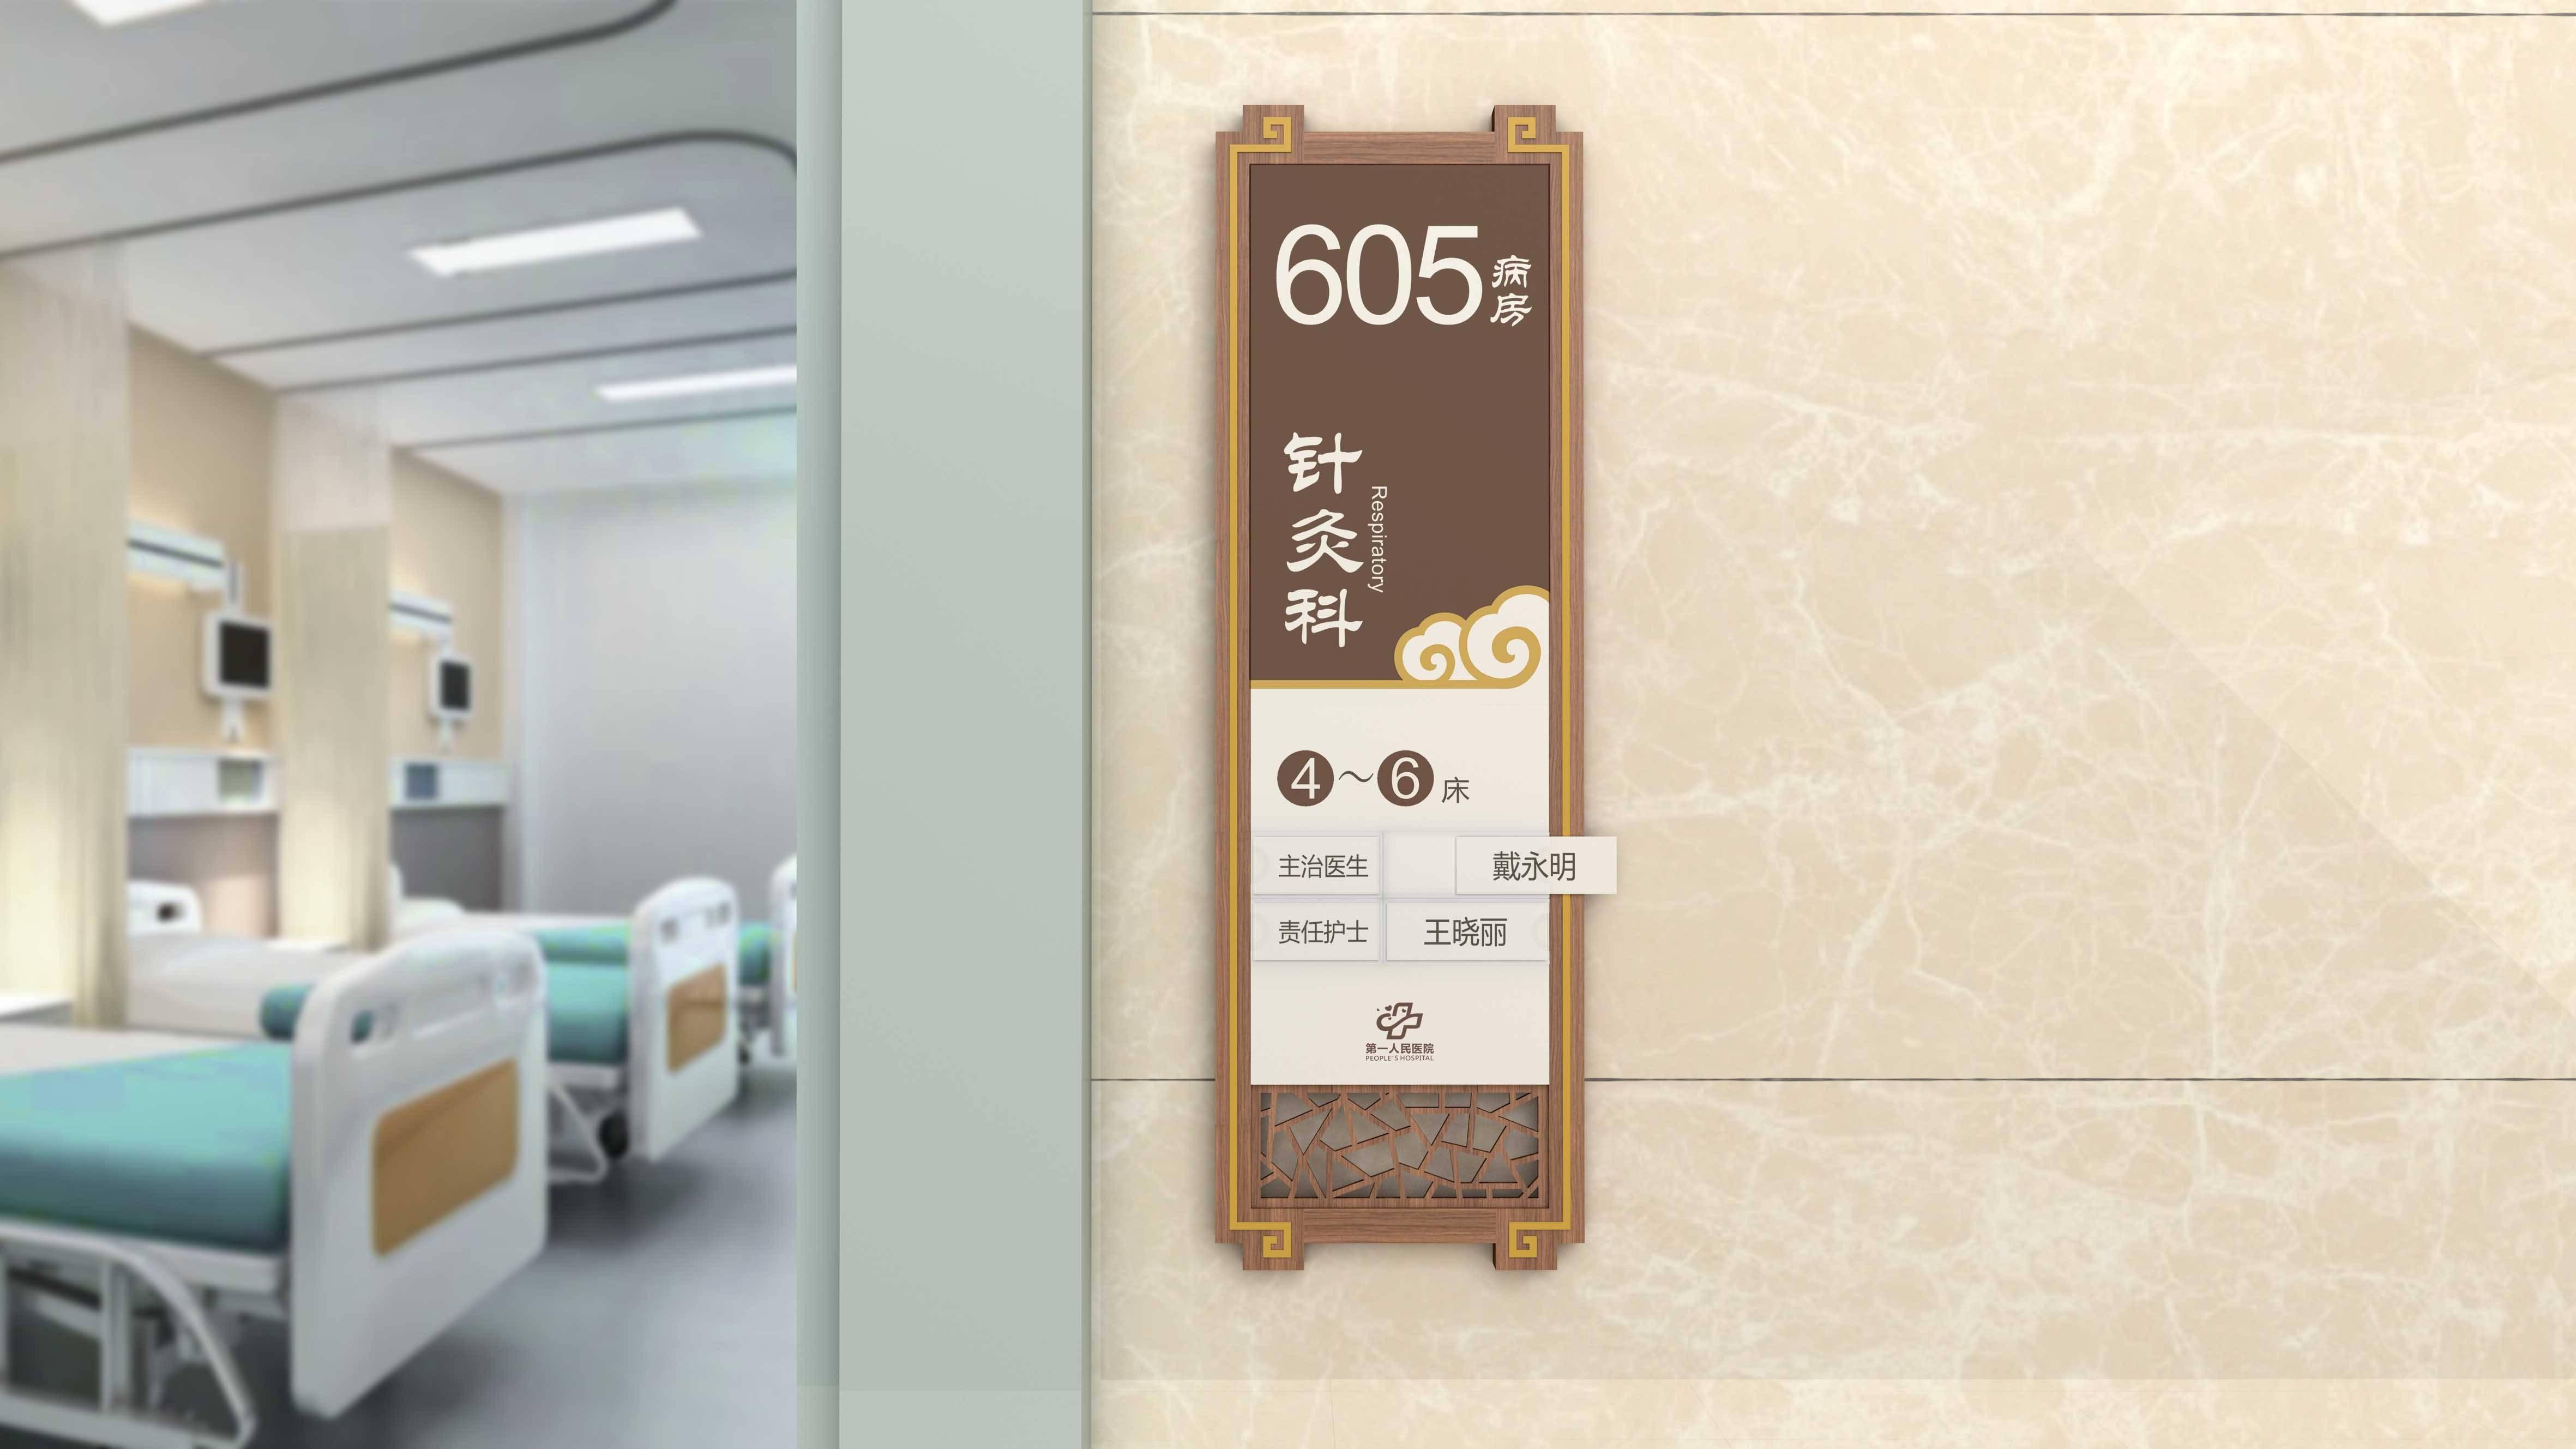 某医院标识标牌导视导视系统